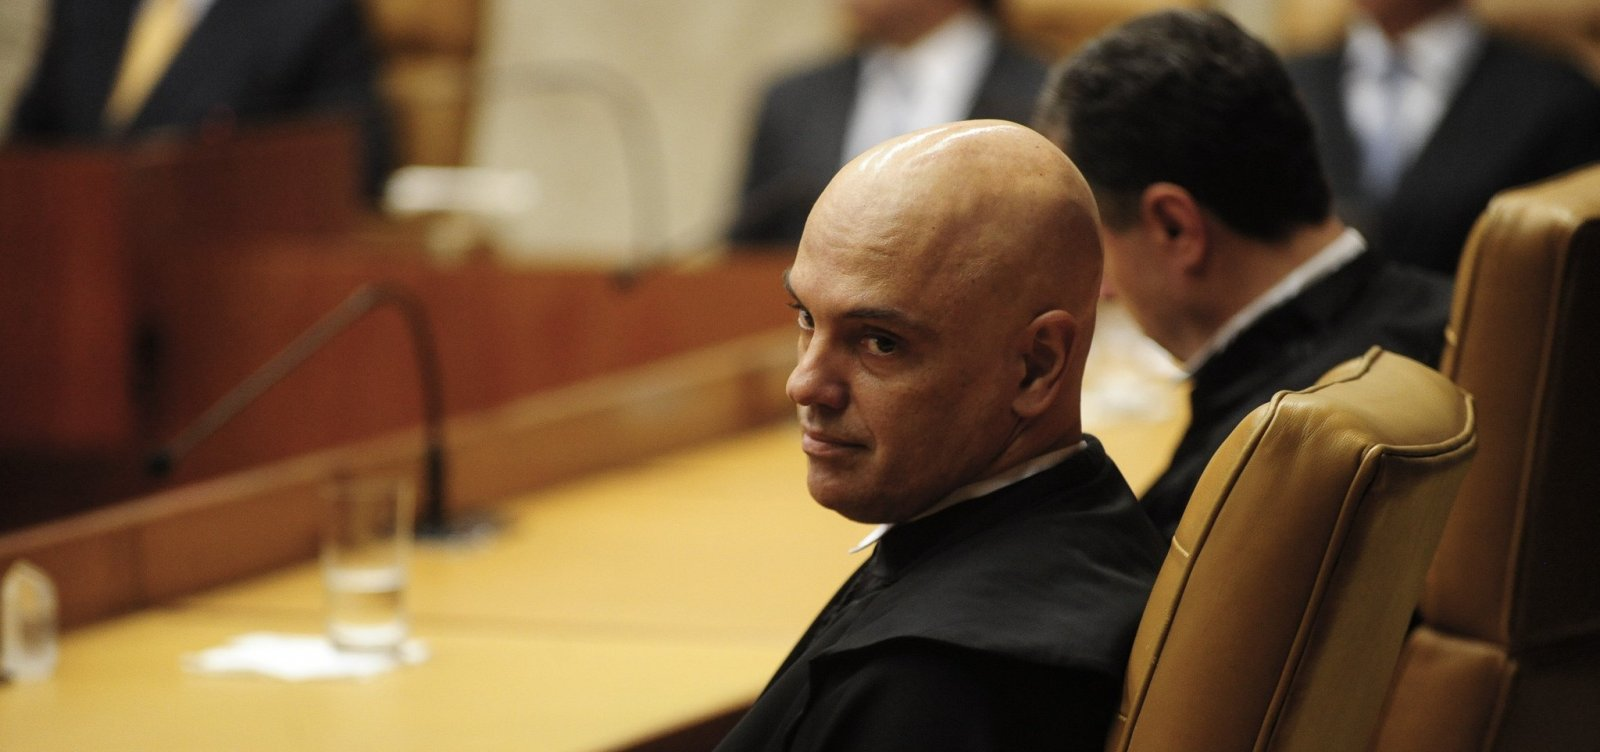 Alexandre de Moraes solicita investigação sobre fala de Eduardo Bolsonaro sobre fechamento do STF